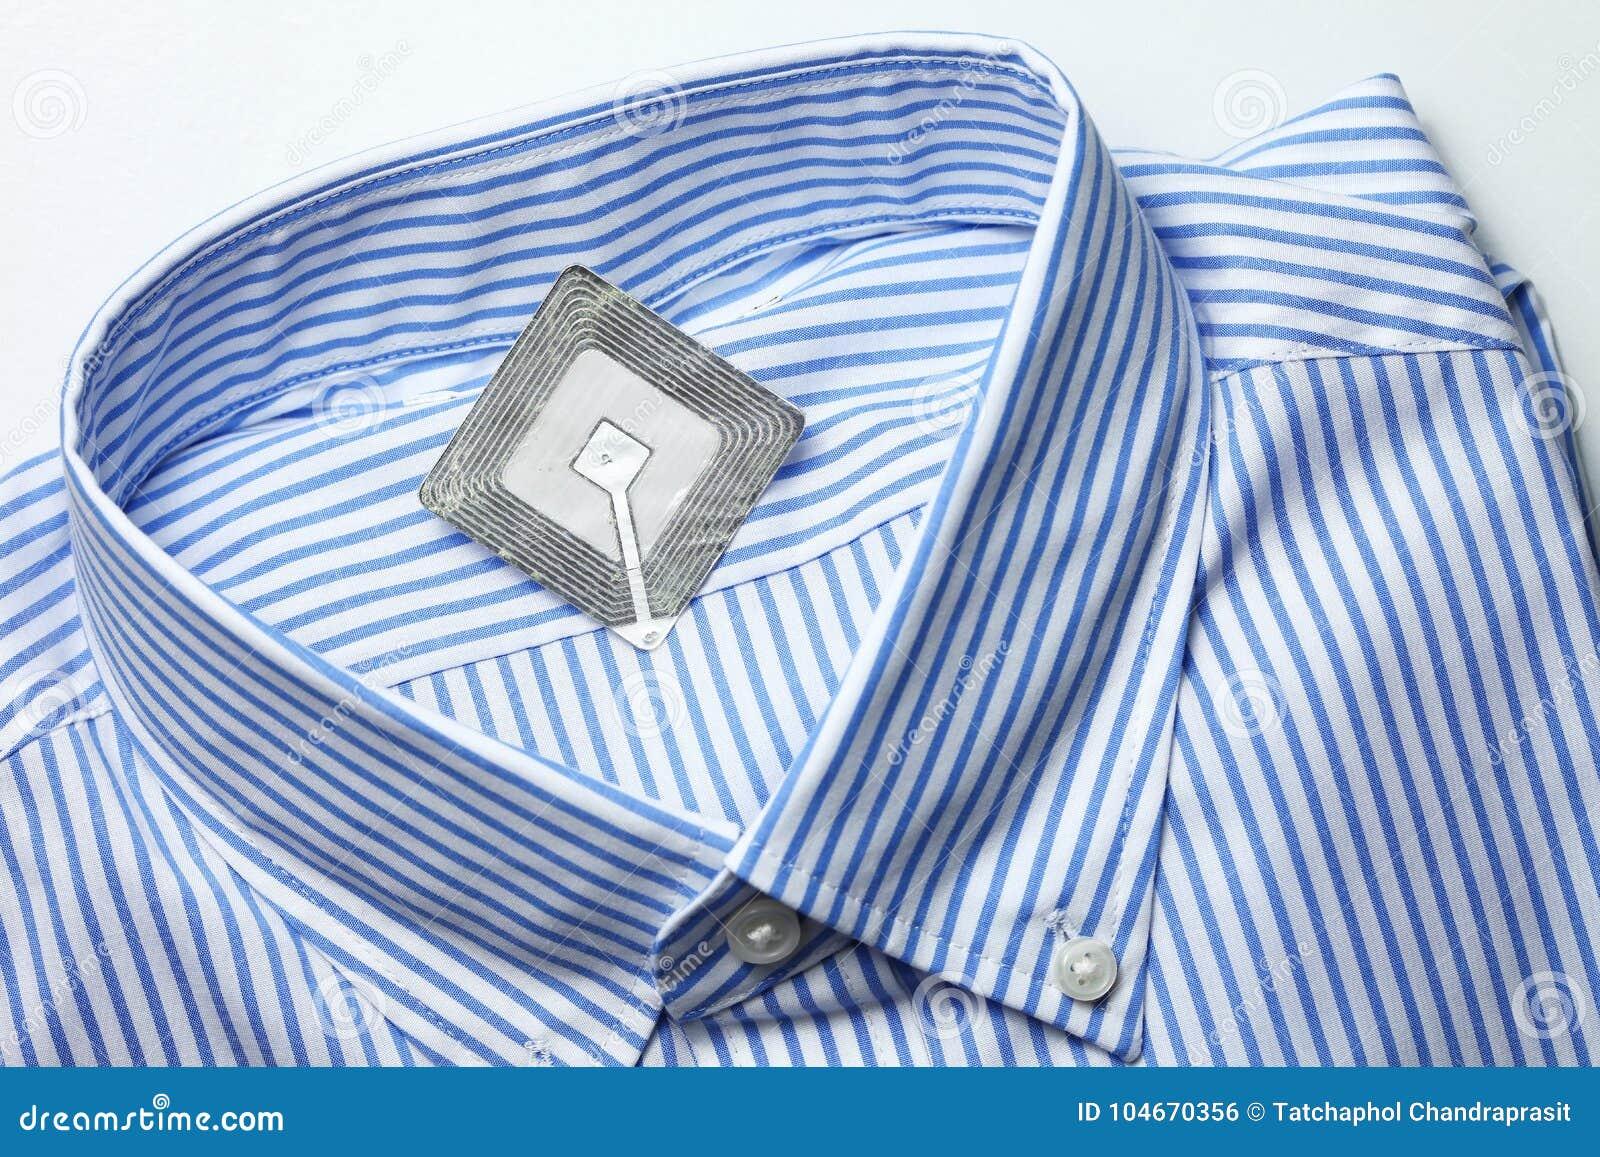 Nieuwe overhemd en rfid markering